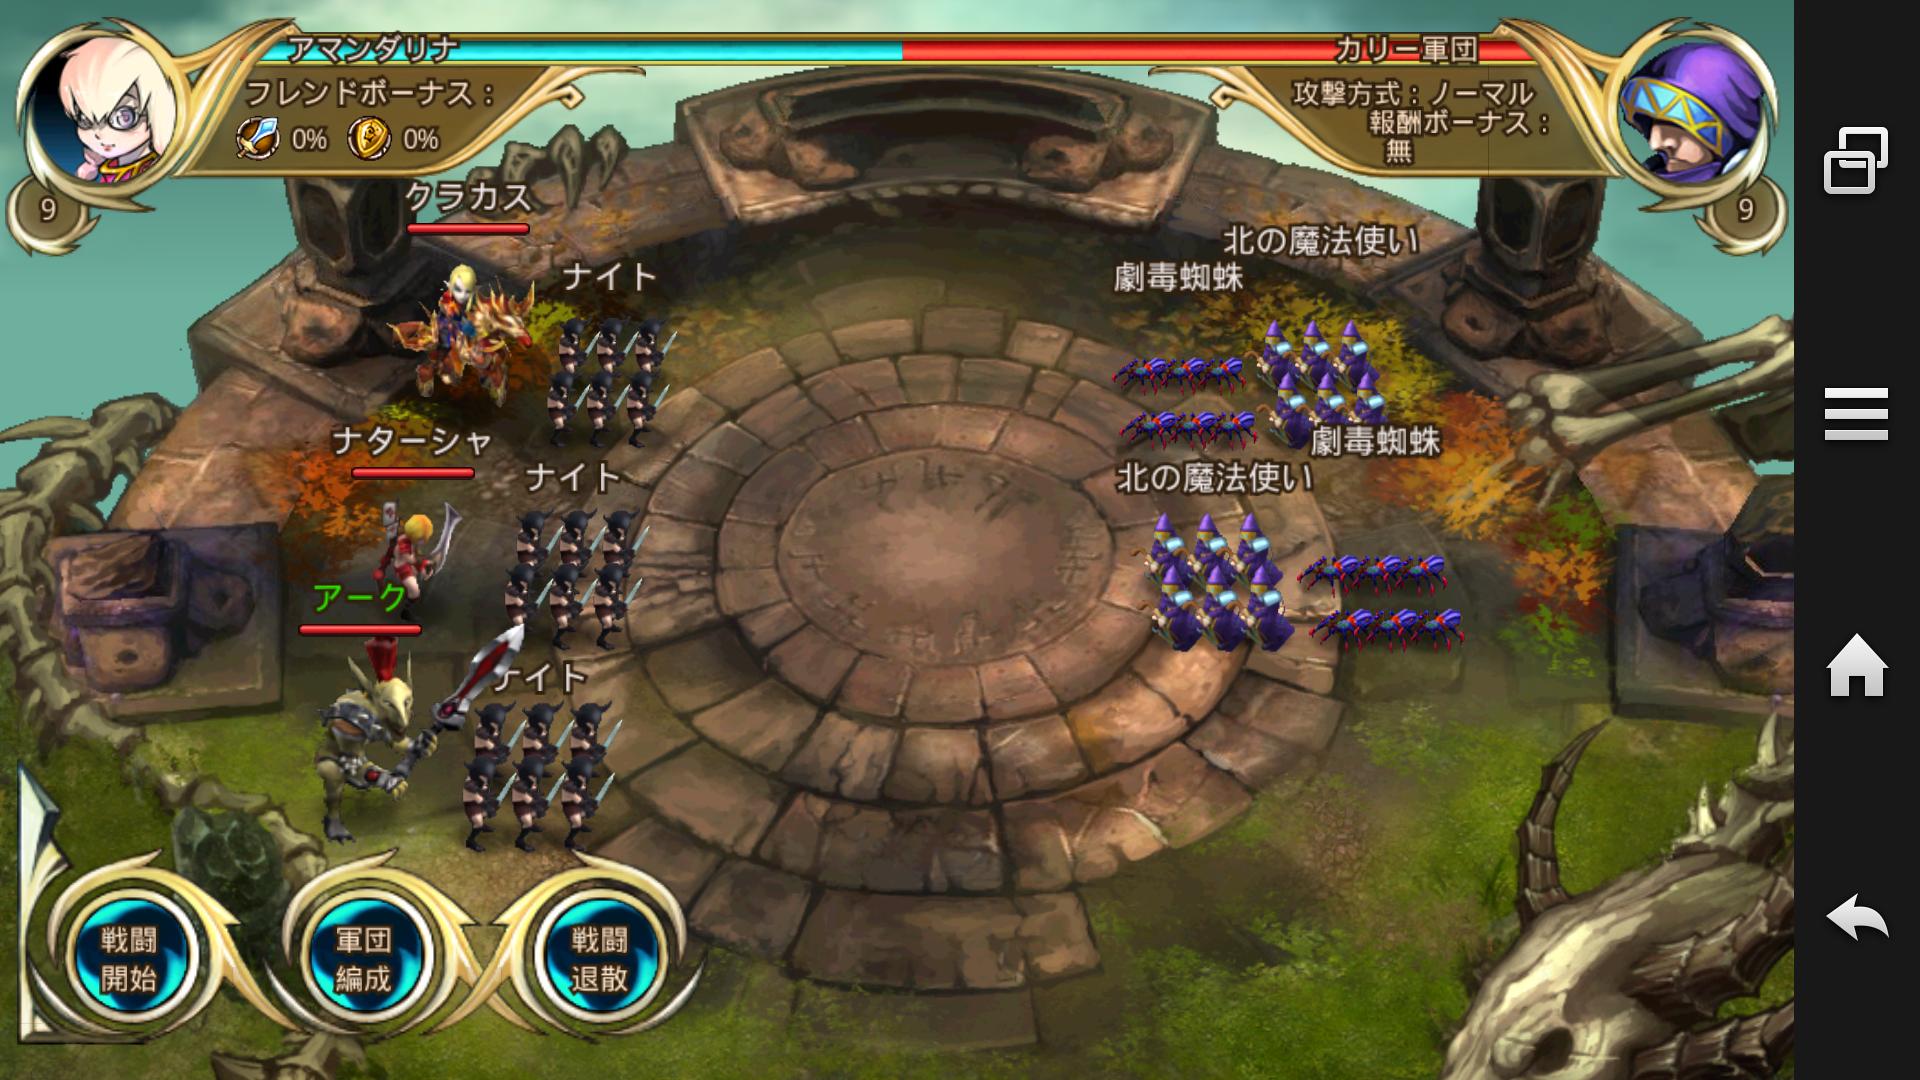 光輝の城 -キミが綴る英雄たちの詩篇- androidアプリスクリーンショット1